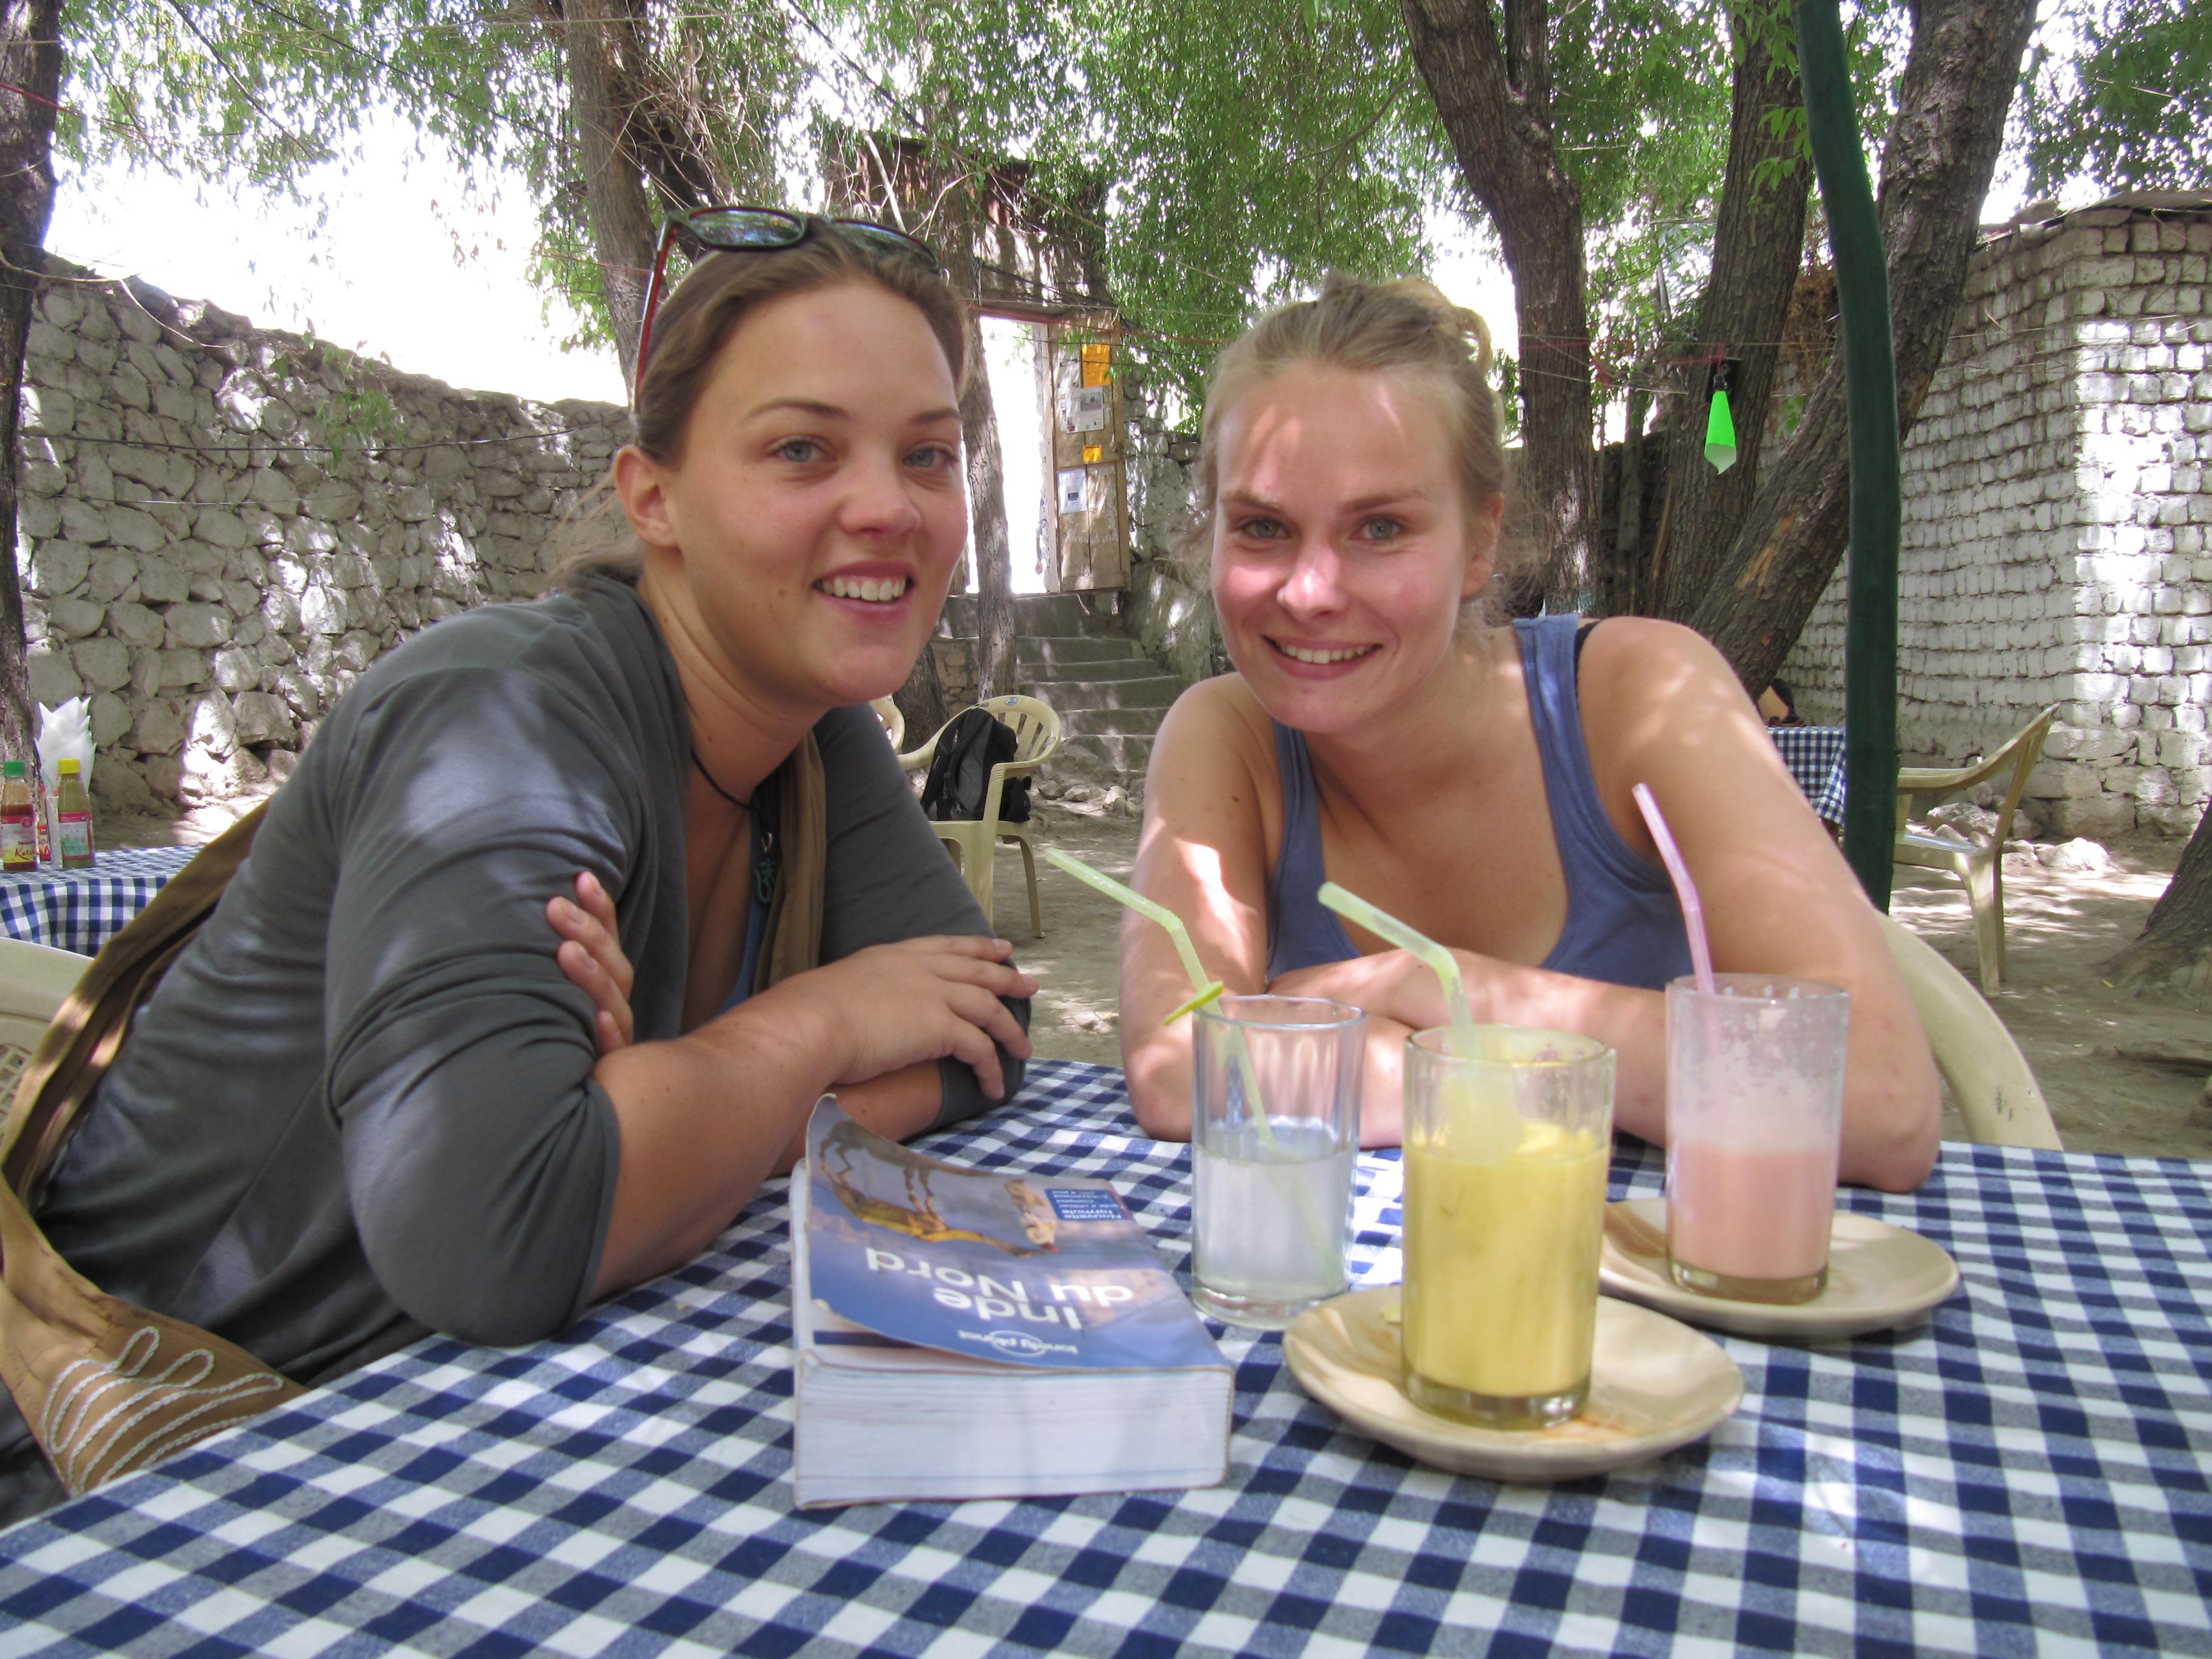 Belle et Alex en terrasse, Leh, Inde, 5 juillet 2013